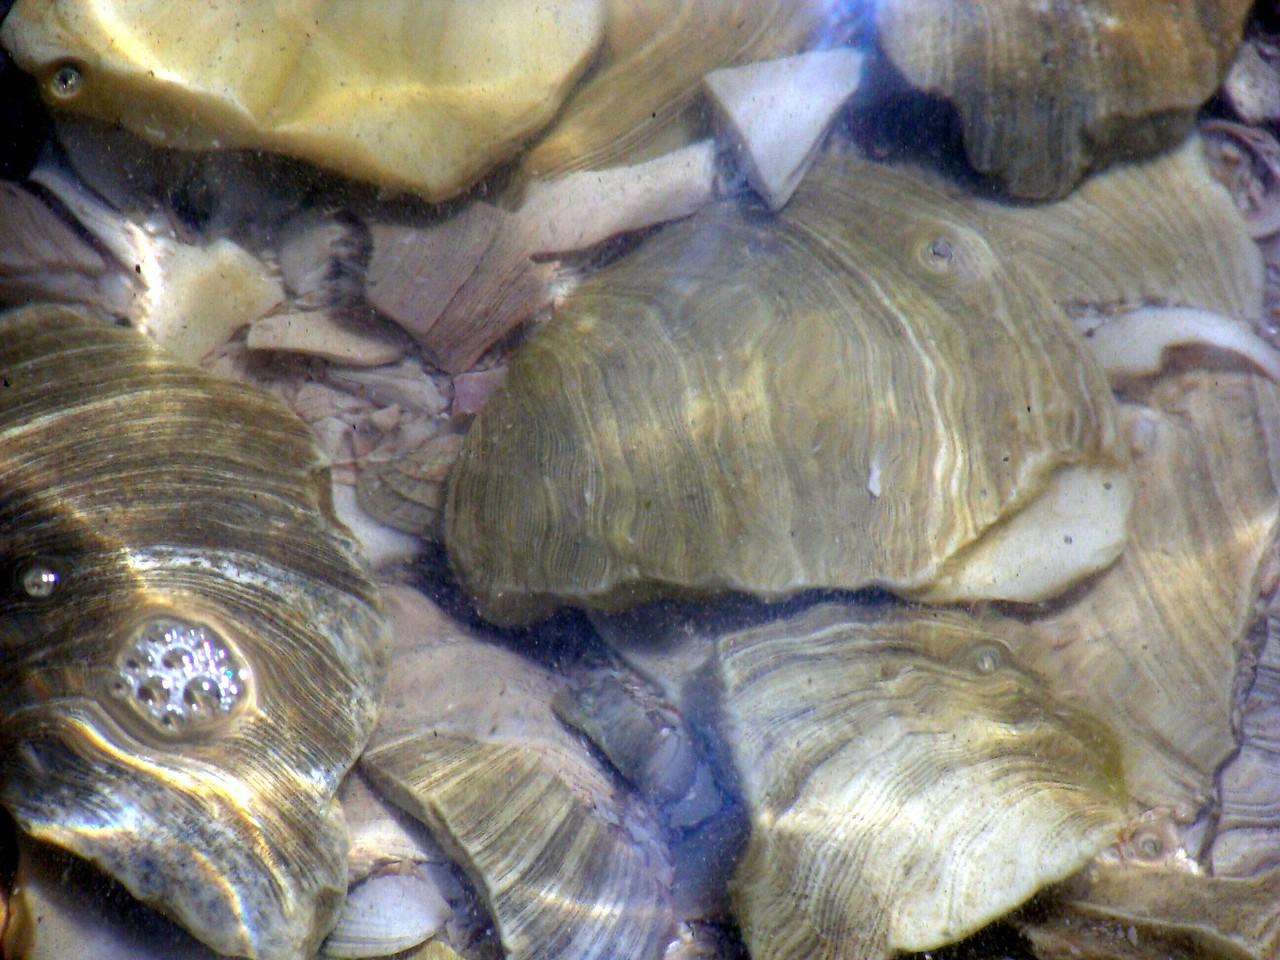 Underwater Shells